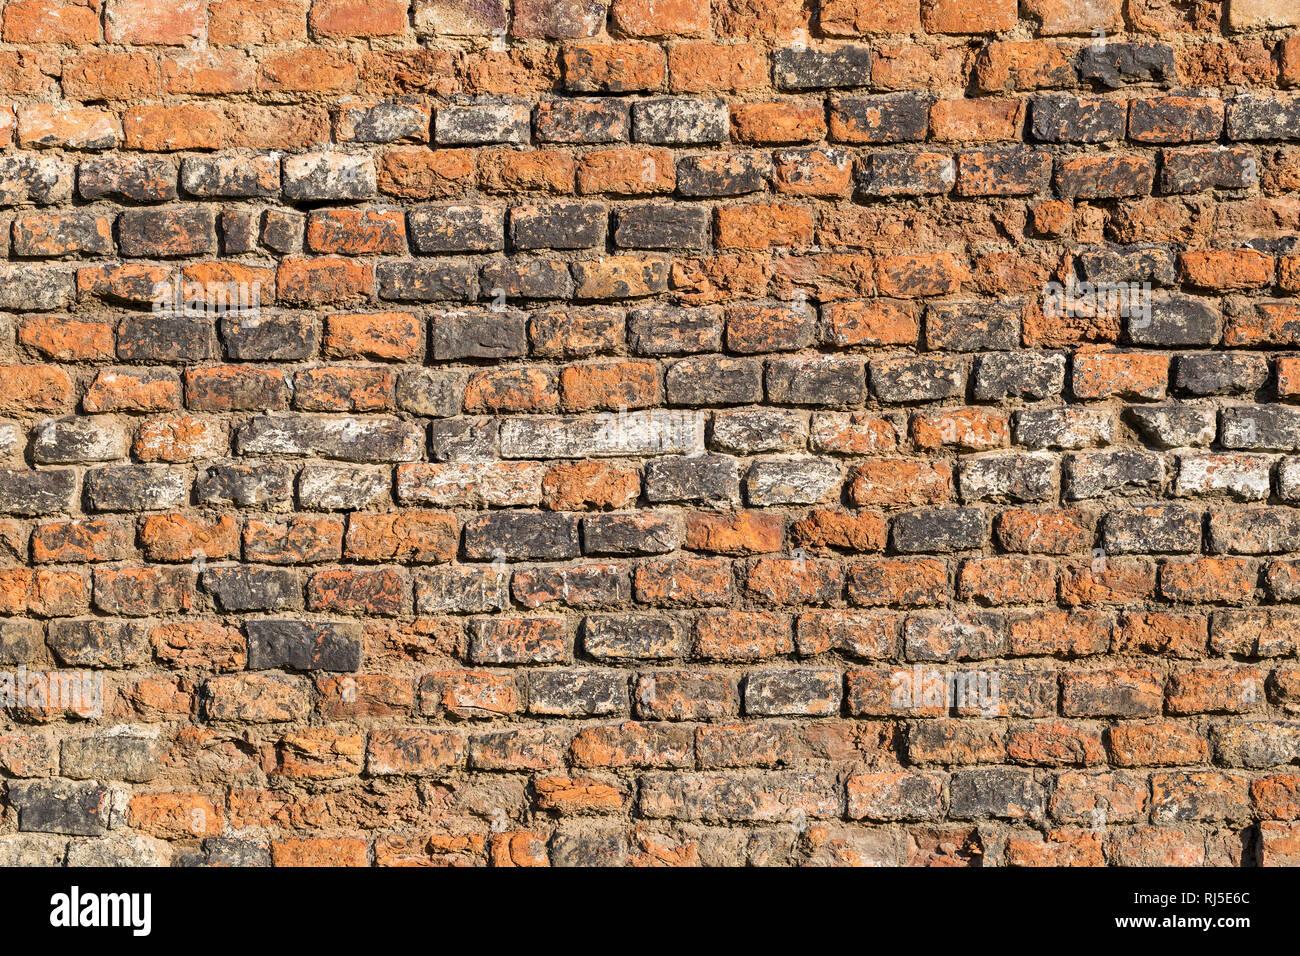 Alte Ziegelmauer, aufgenommen in Vösendorf, Niederösterreich, Österreich, - Stock Image